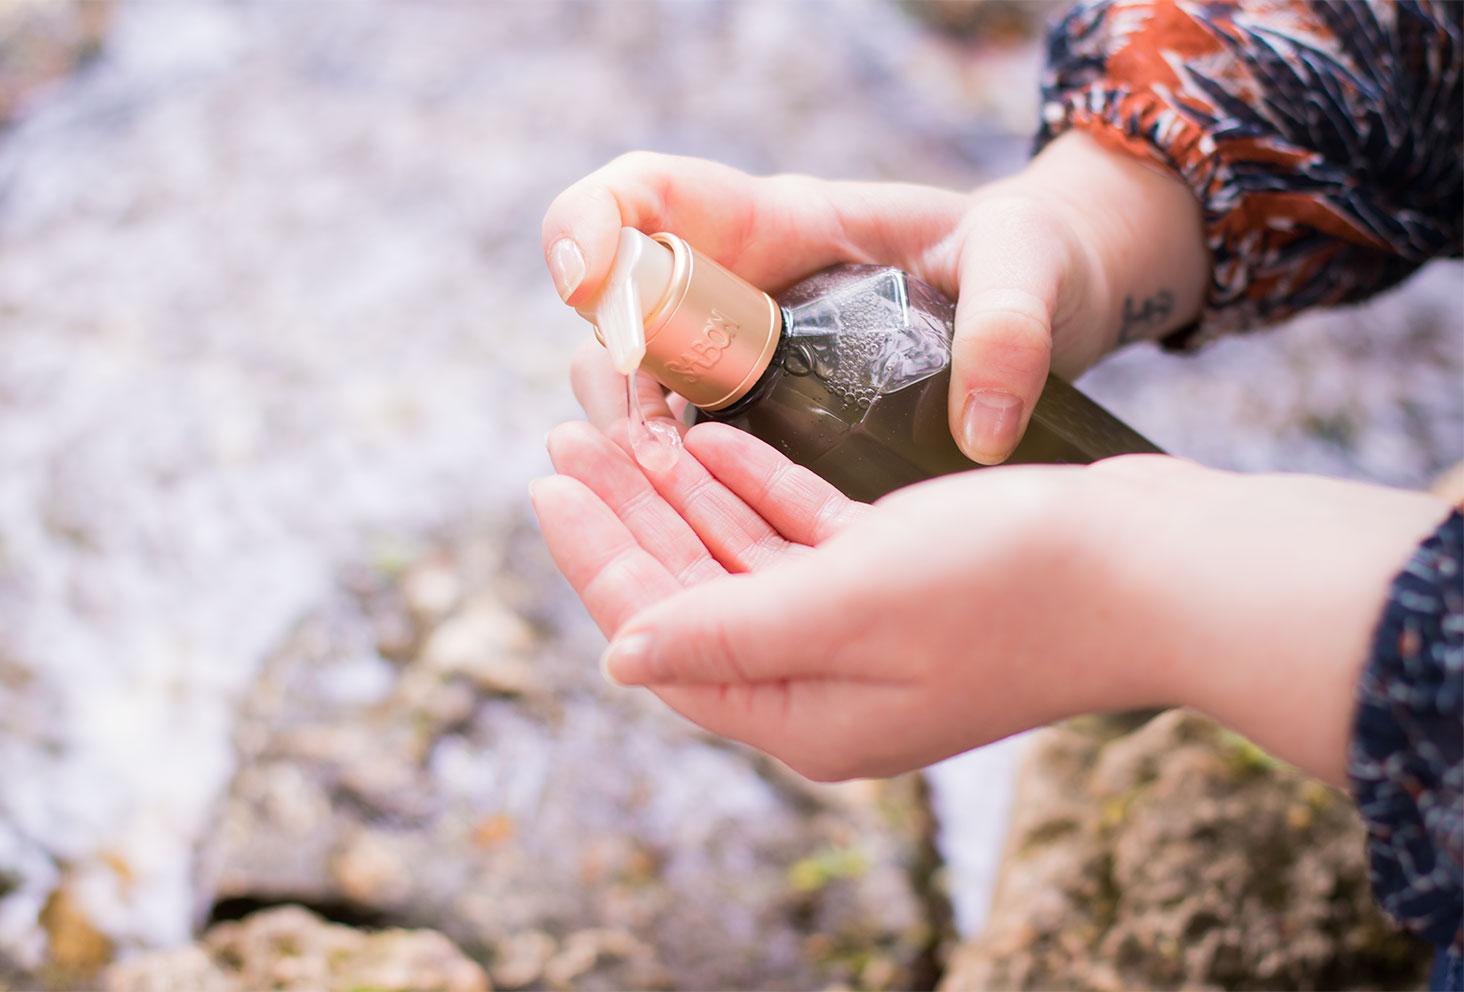 Une pompe de produit dans les mains au bord de l'eau pour le top 3 des gels douche